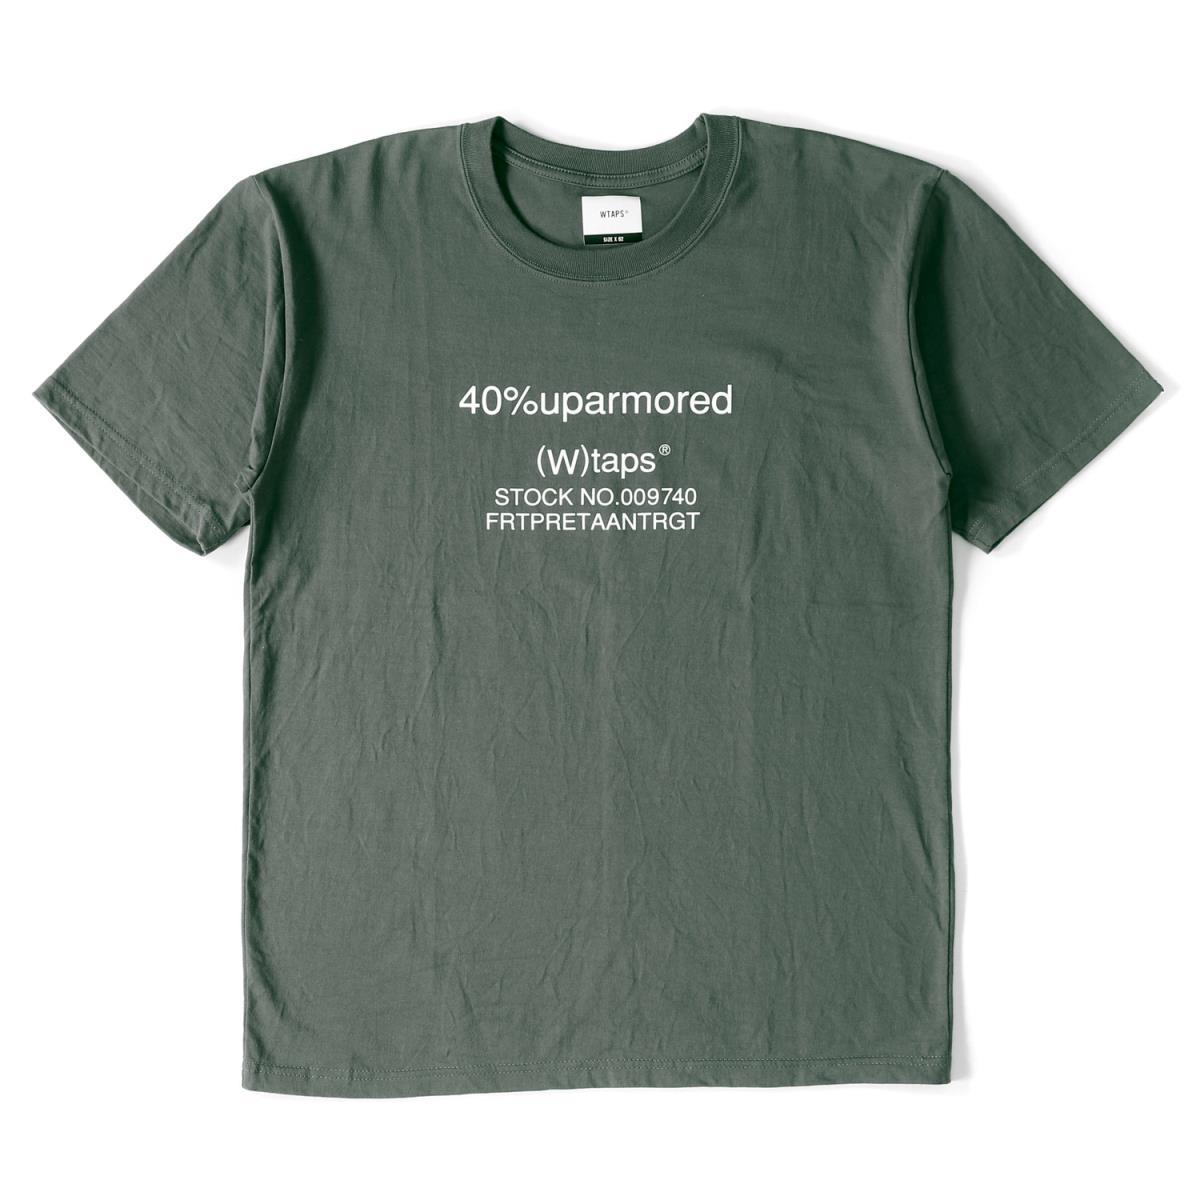 WTAPS (ダブルタップス) 18A/W ブランドロゴTシャツ(40PCT UPARMORED / SCREEN SS TEE) グレー M 【メンズ】【美品】【K2148】【中古】【あす楽☆対応可】